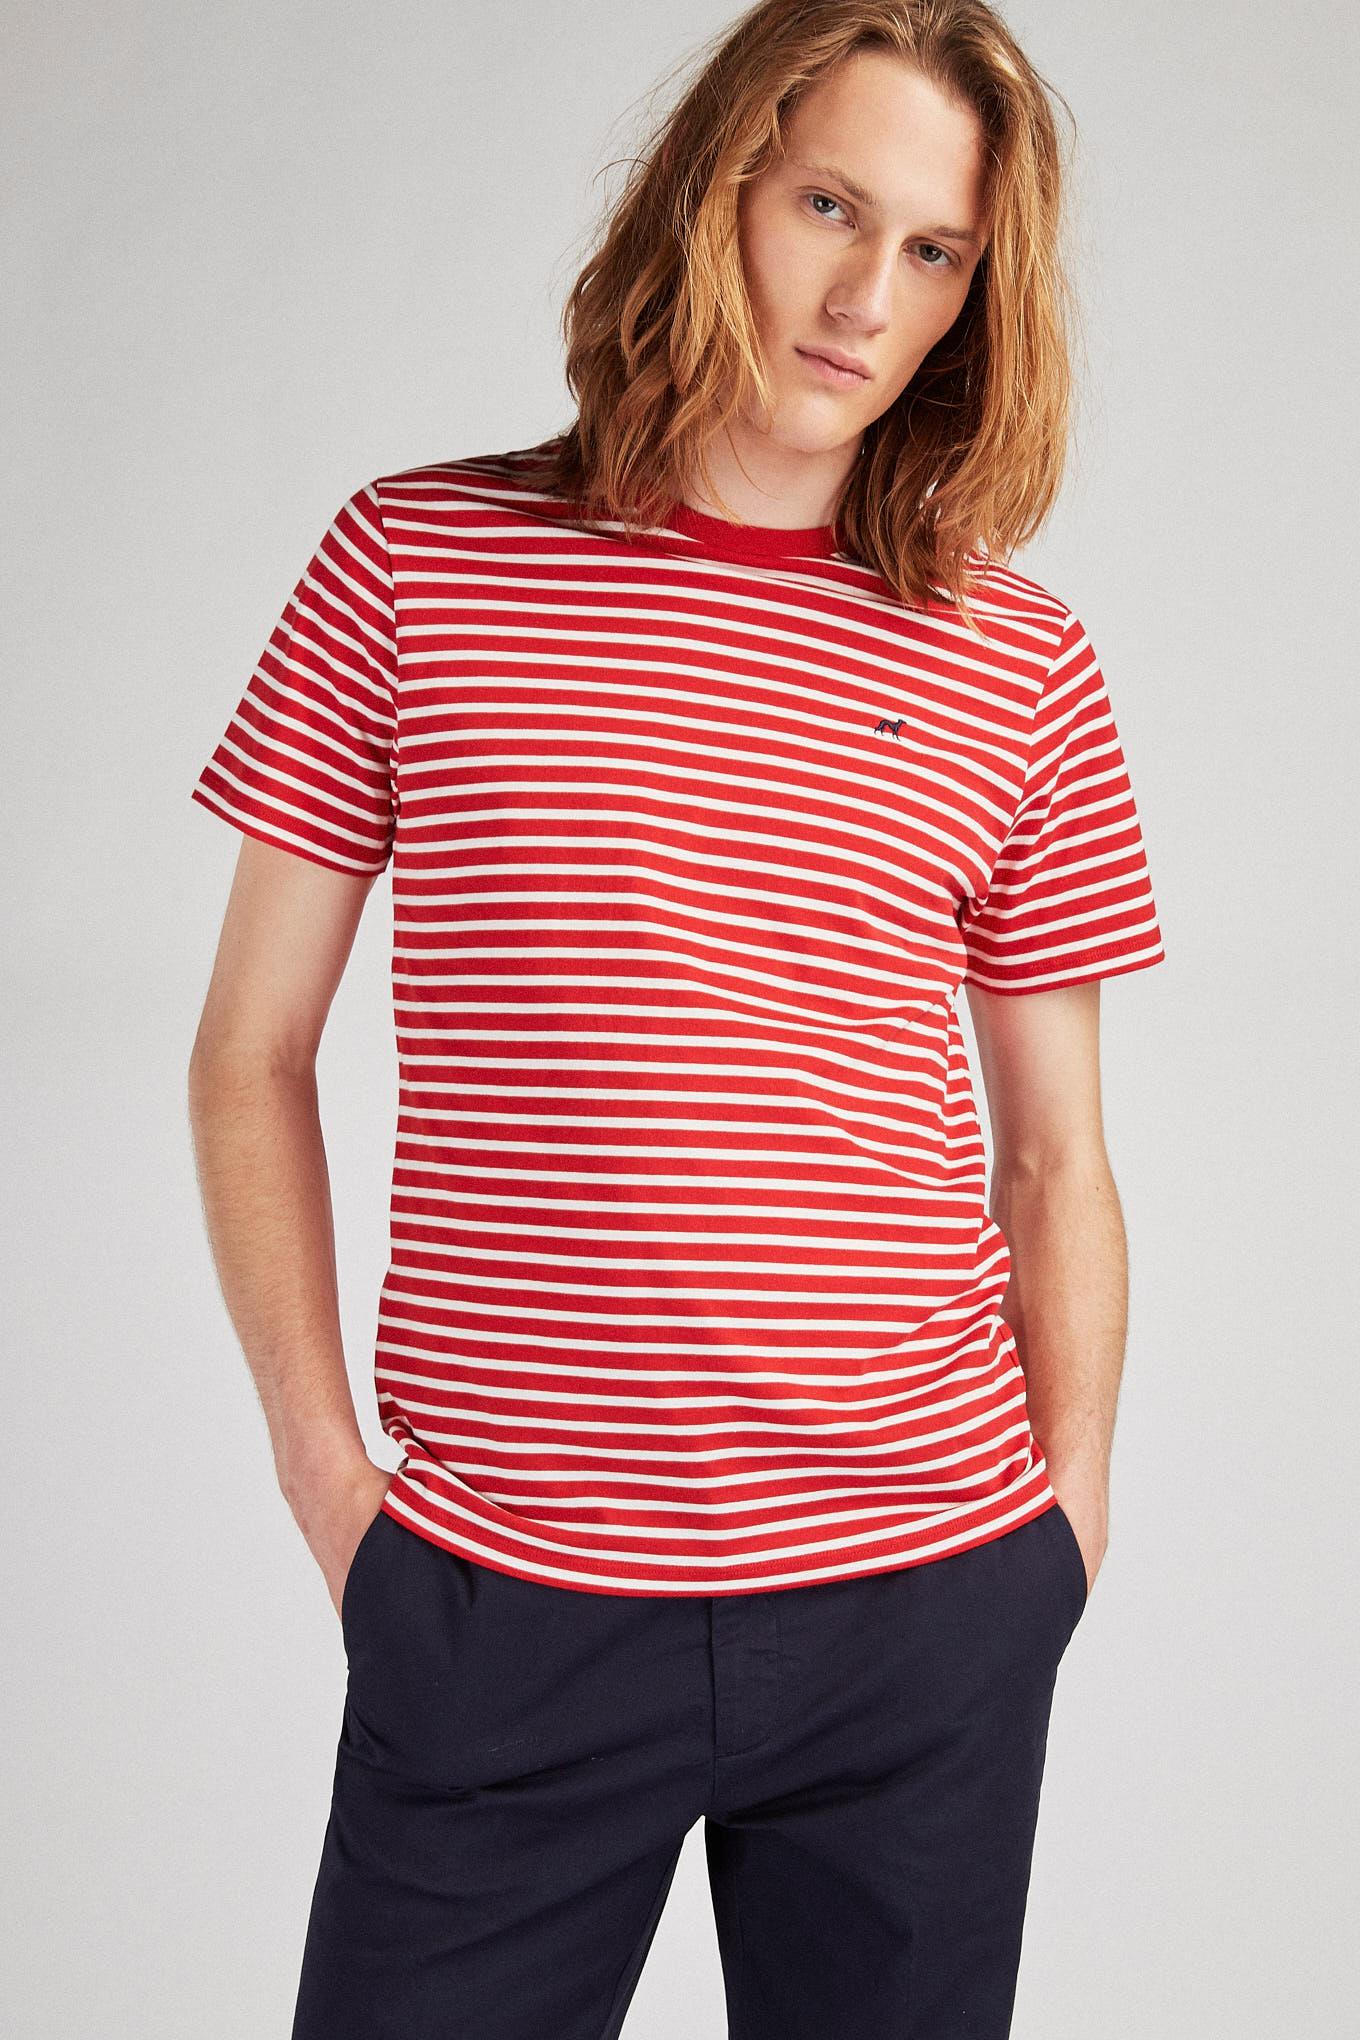 T-Shirt Red Sport Man